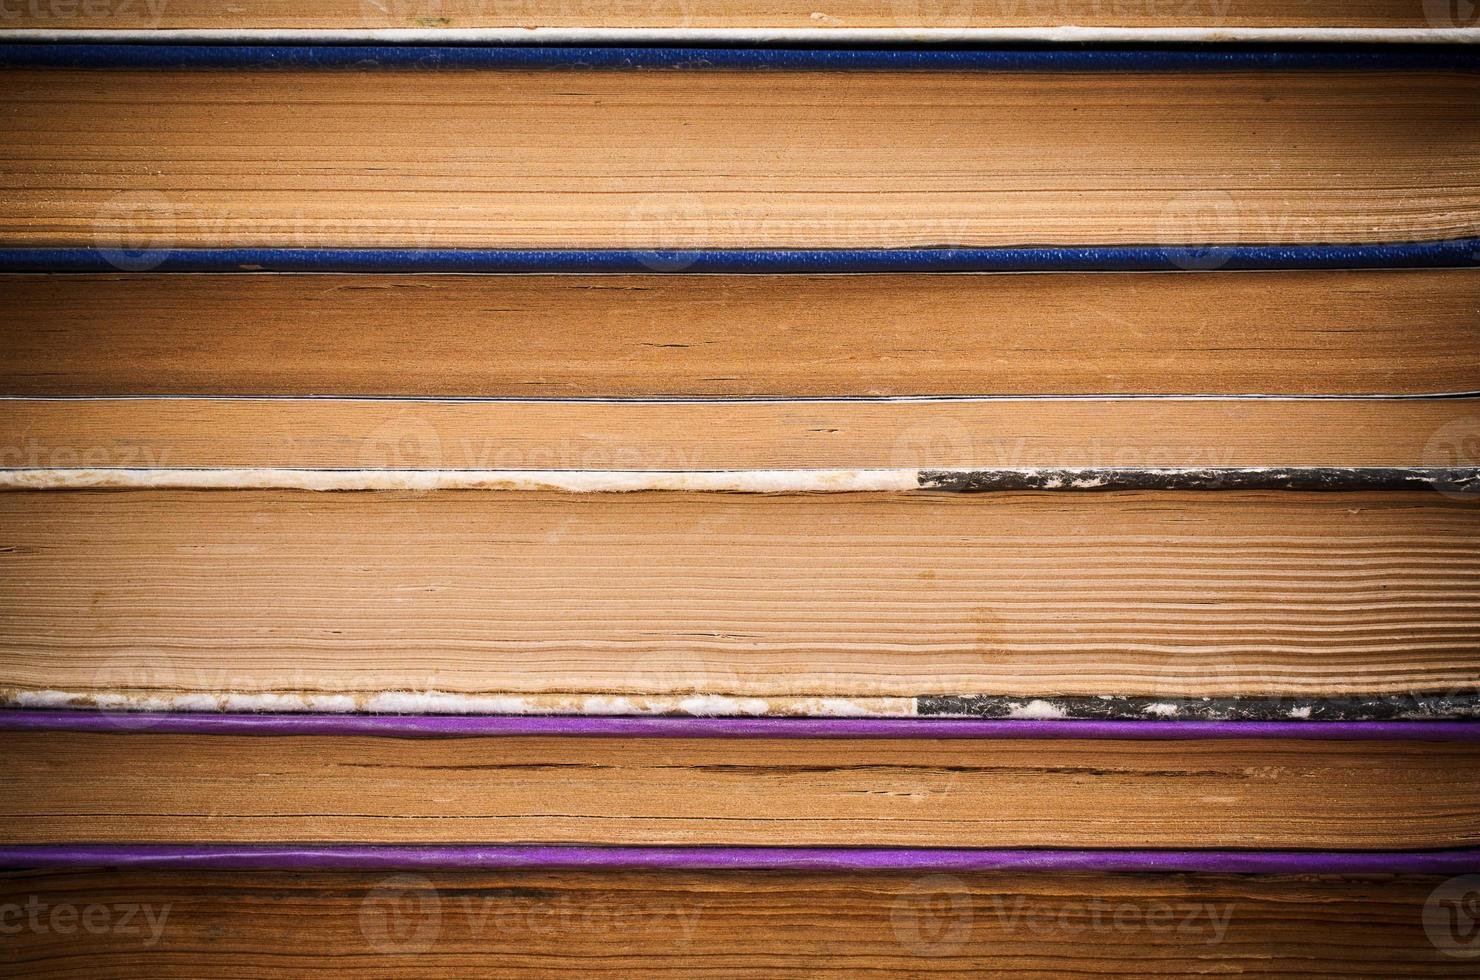 bakgrunden på sidorna i gamla böcker foto